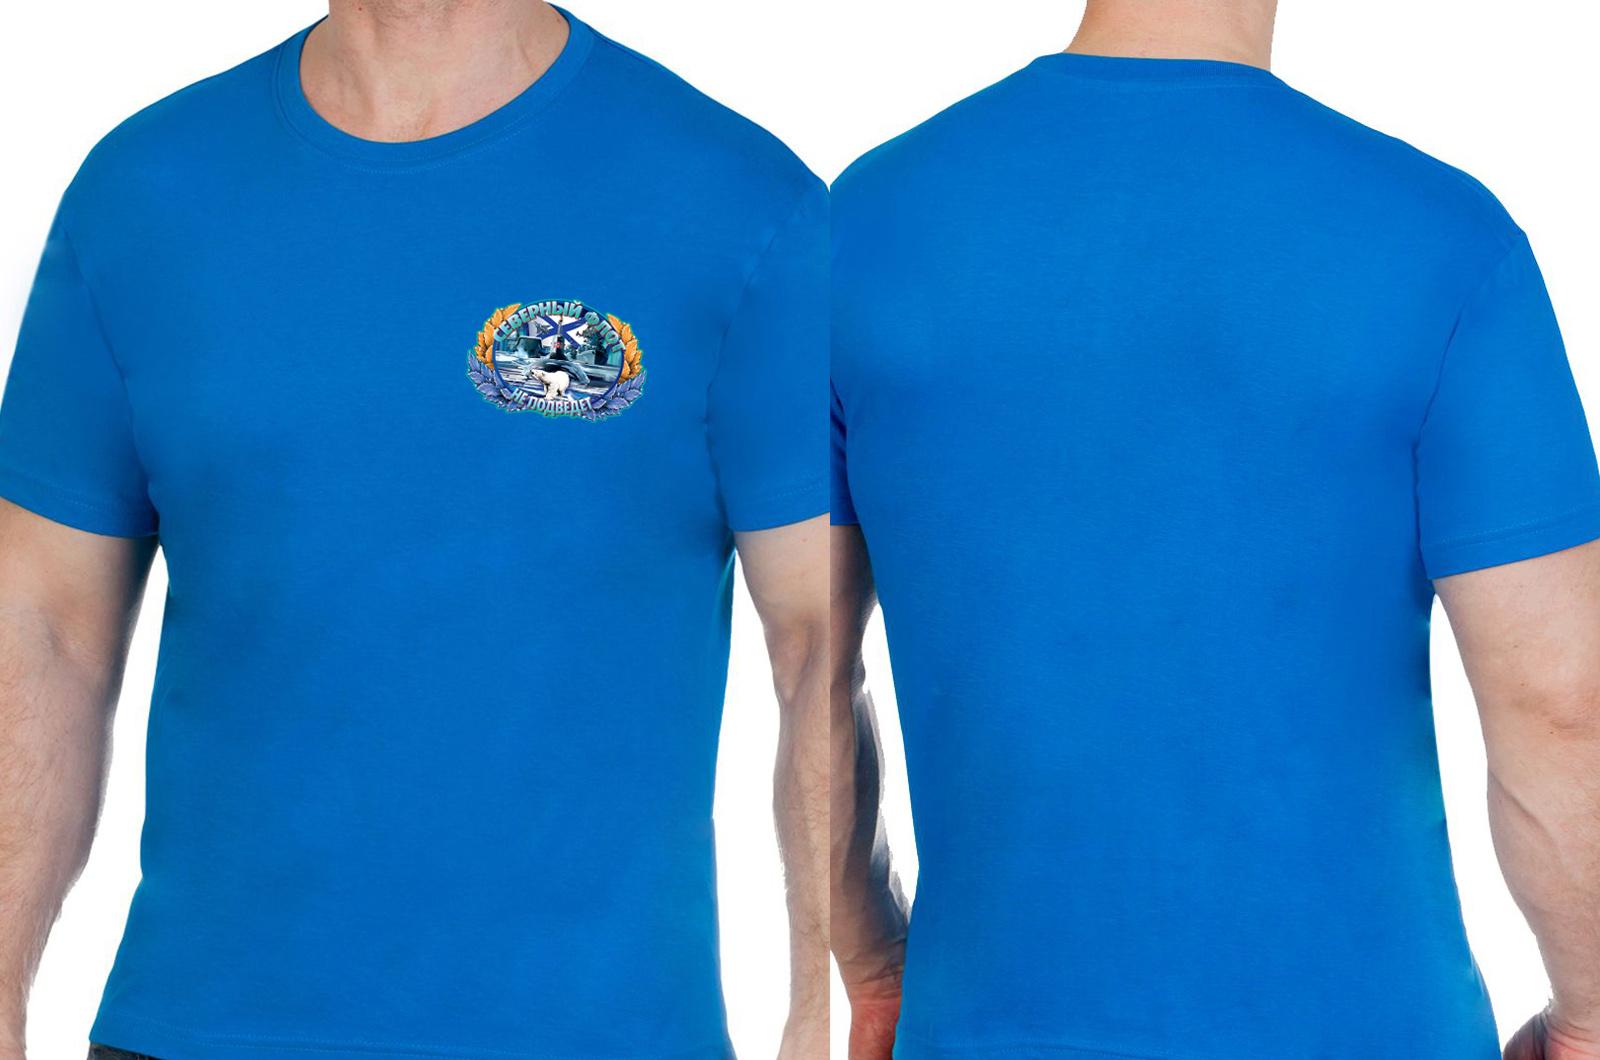 Практичная мужская футболка ВМФ - купить в подарок